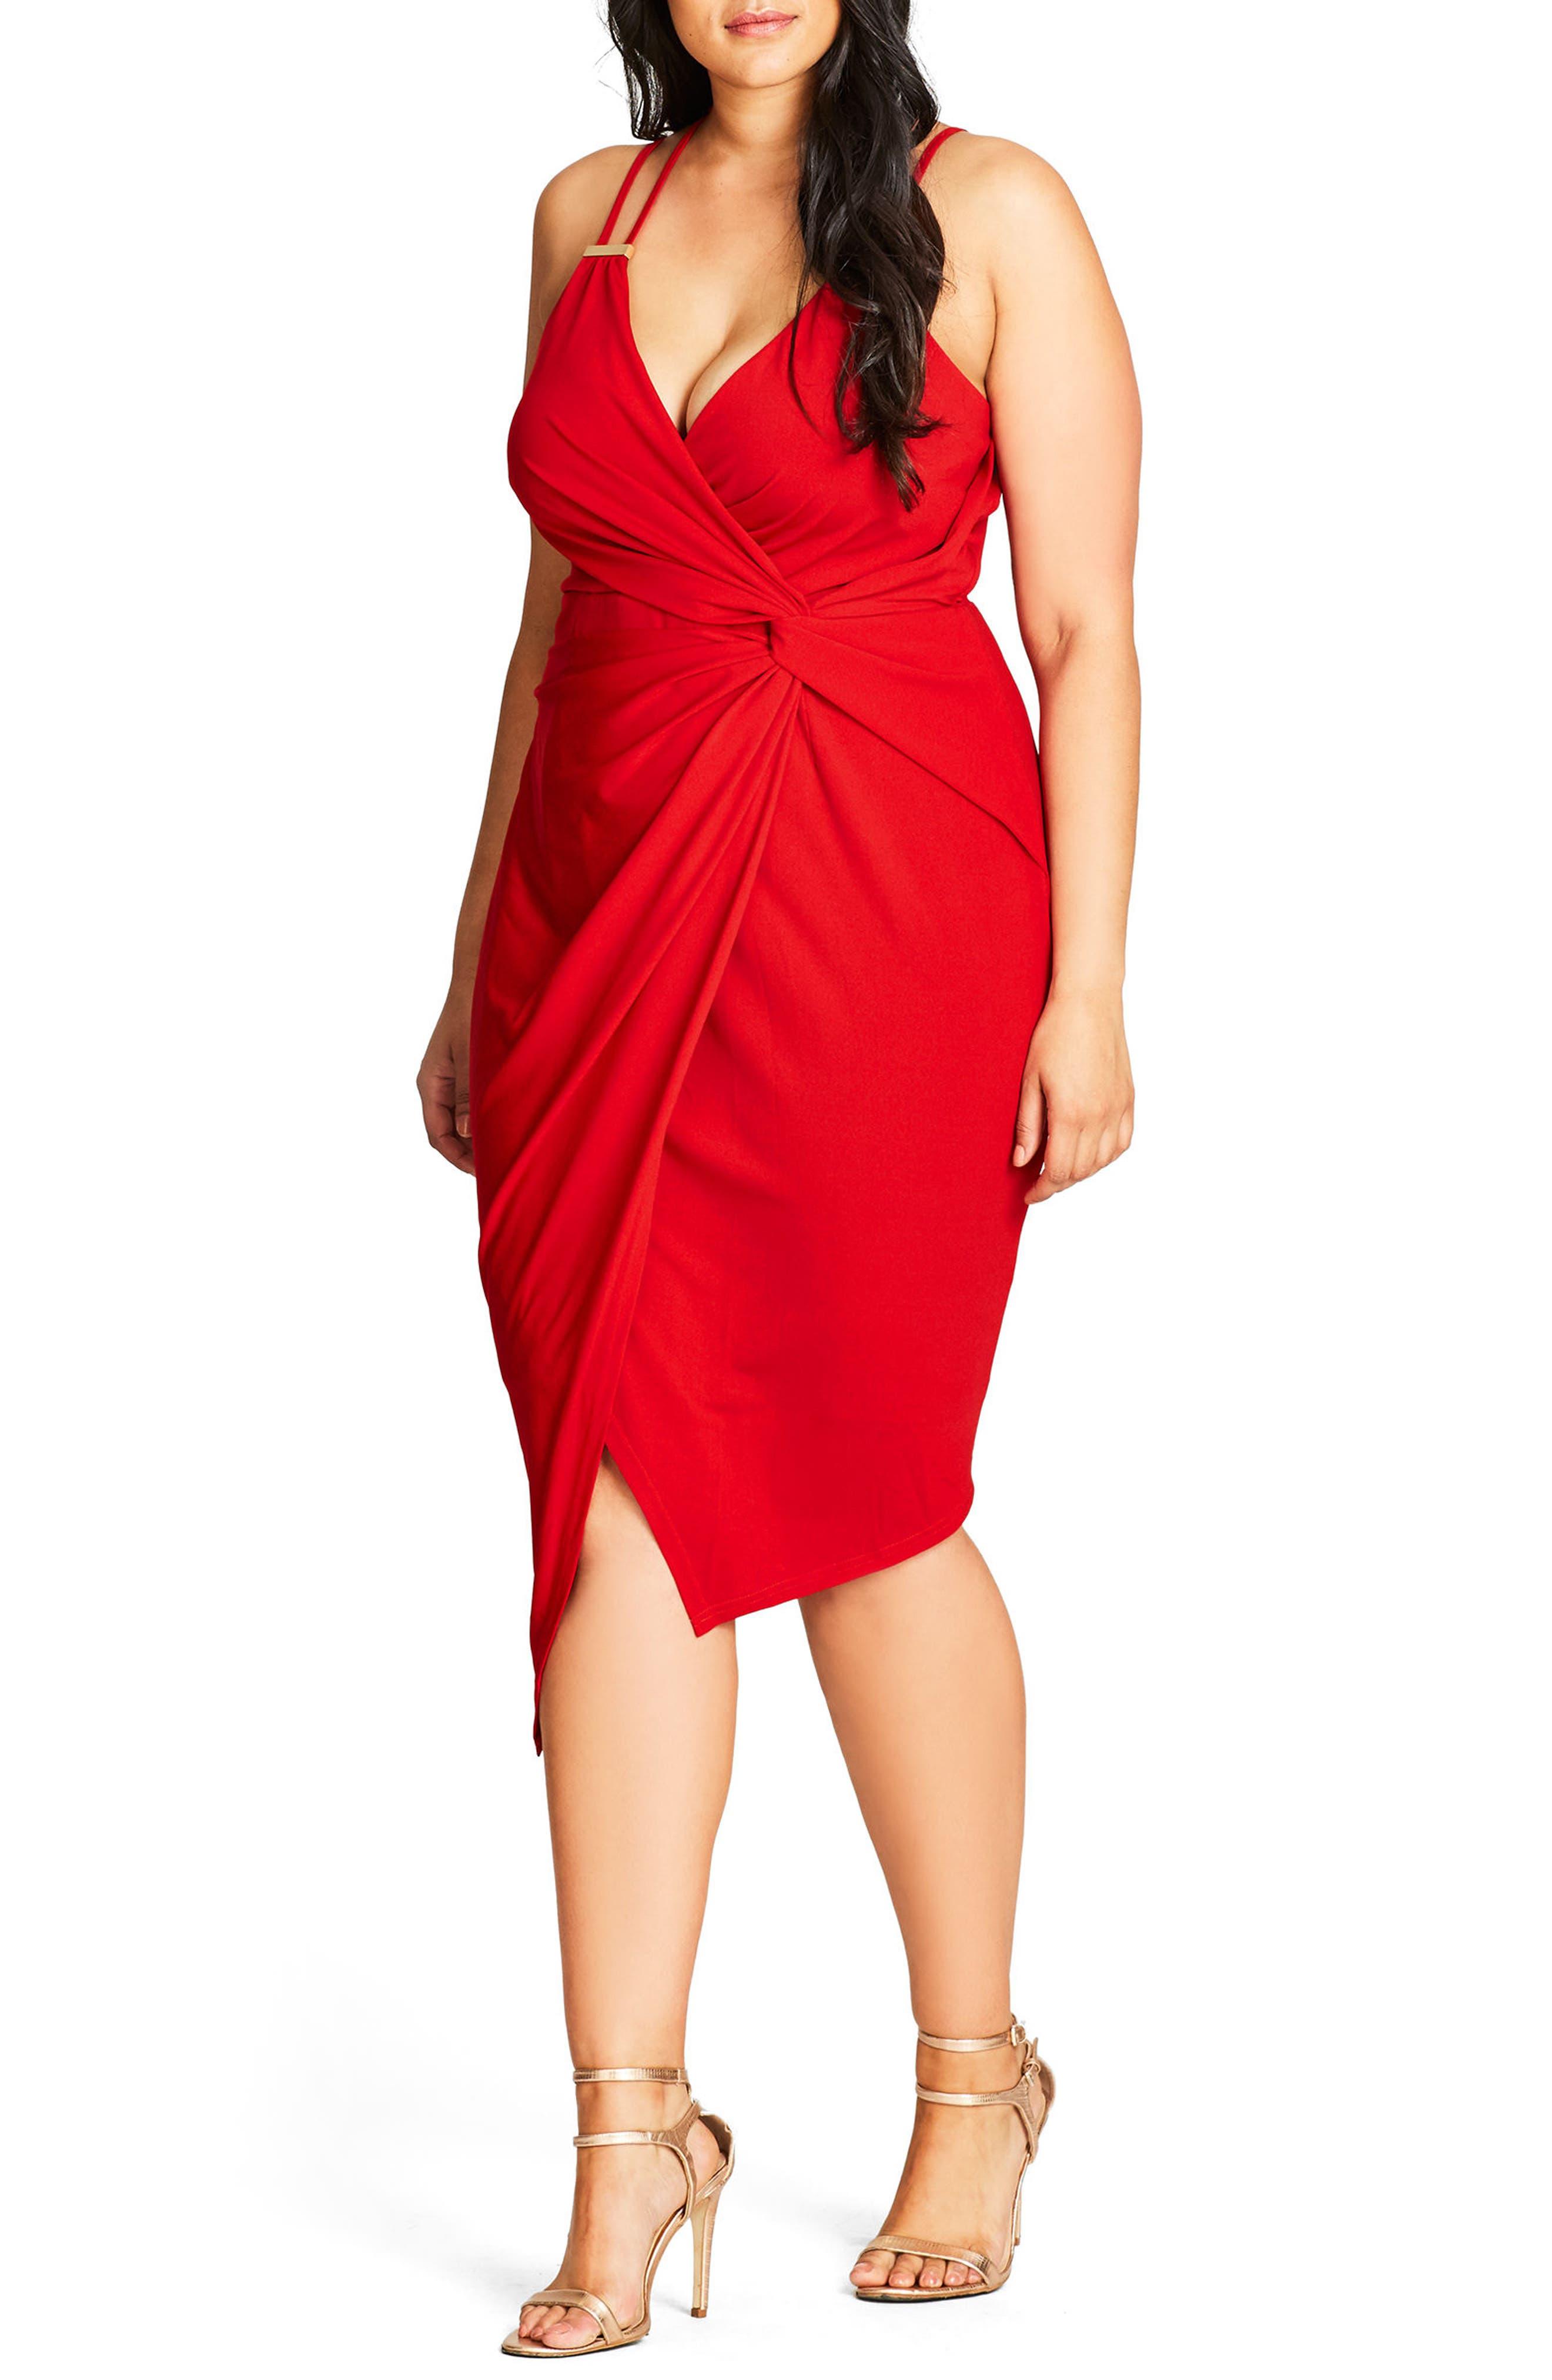 Main Image - City Chic So Seductive Faux Wrap Dress (Plus Size)